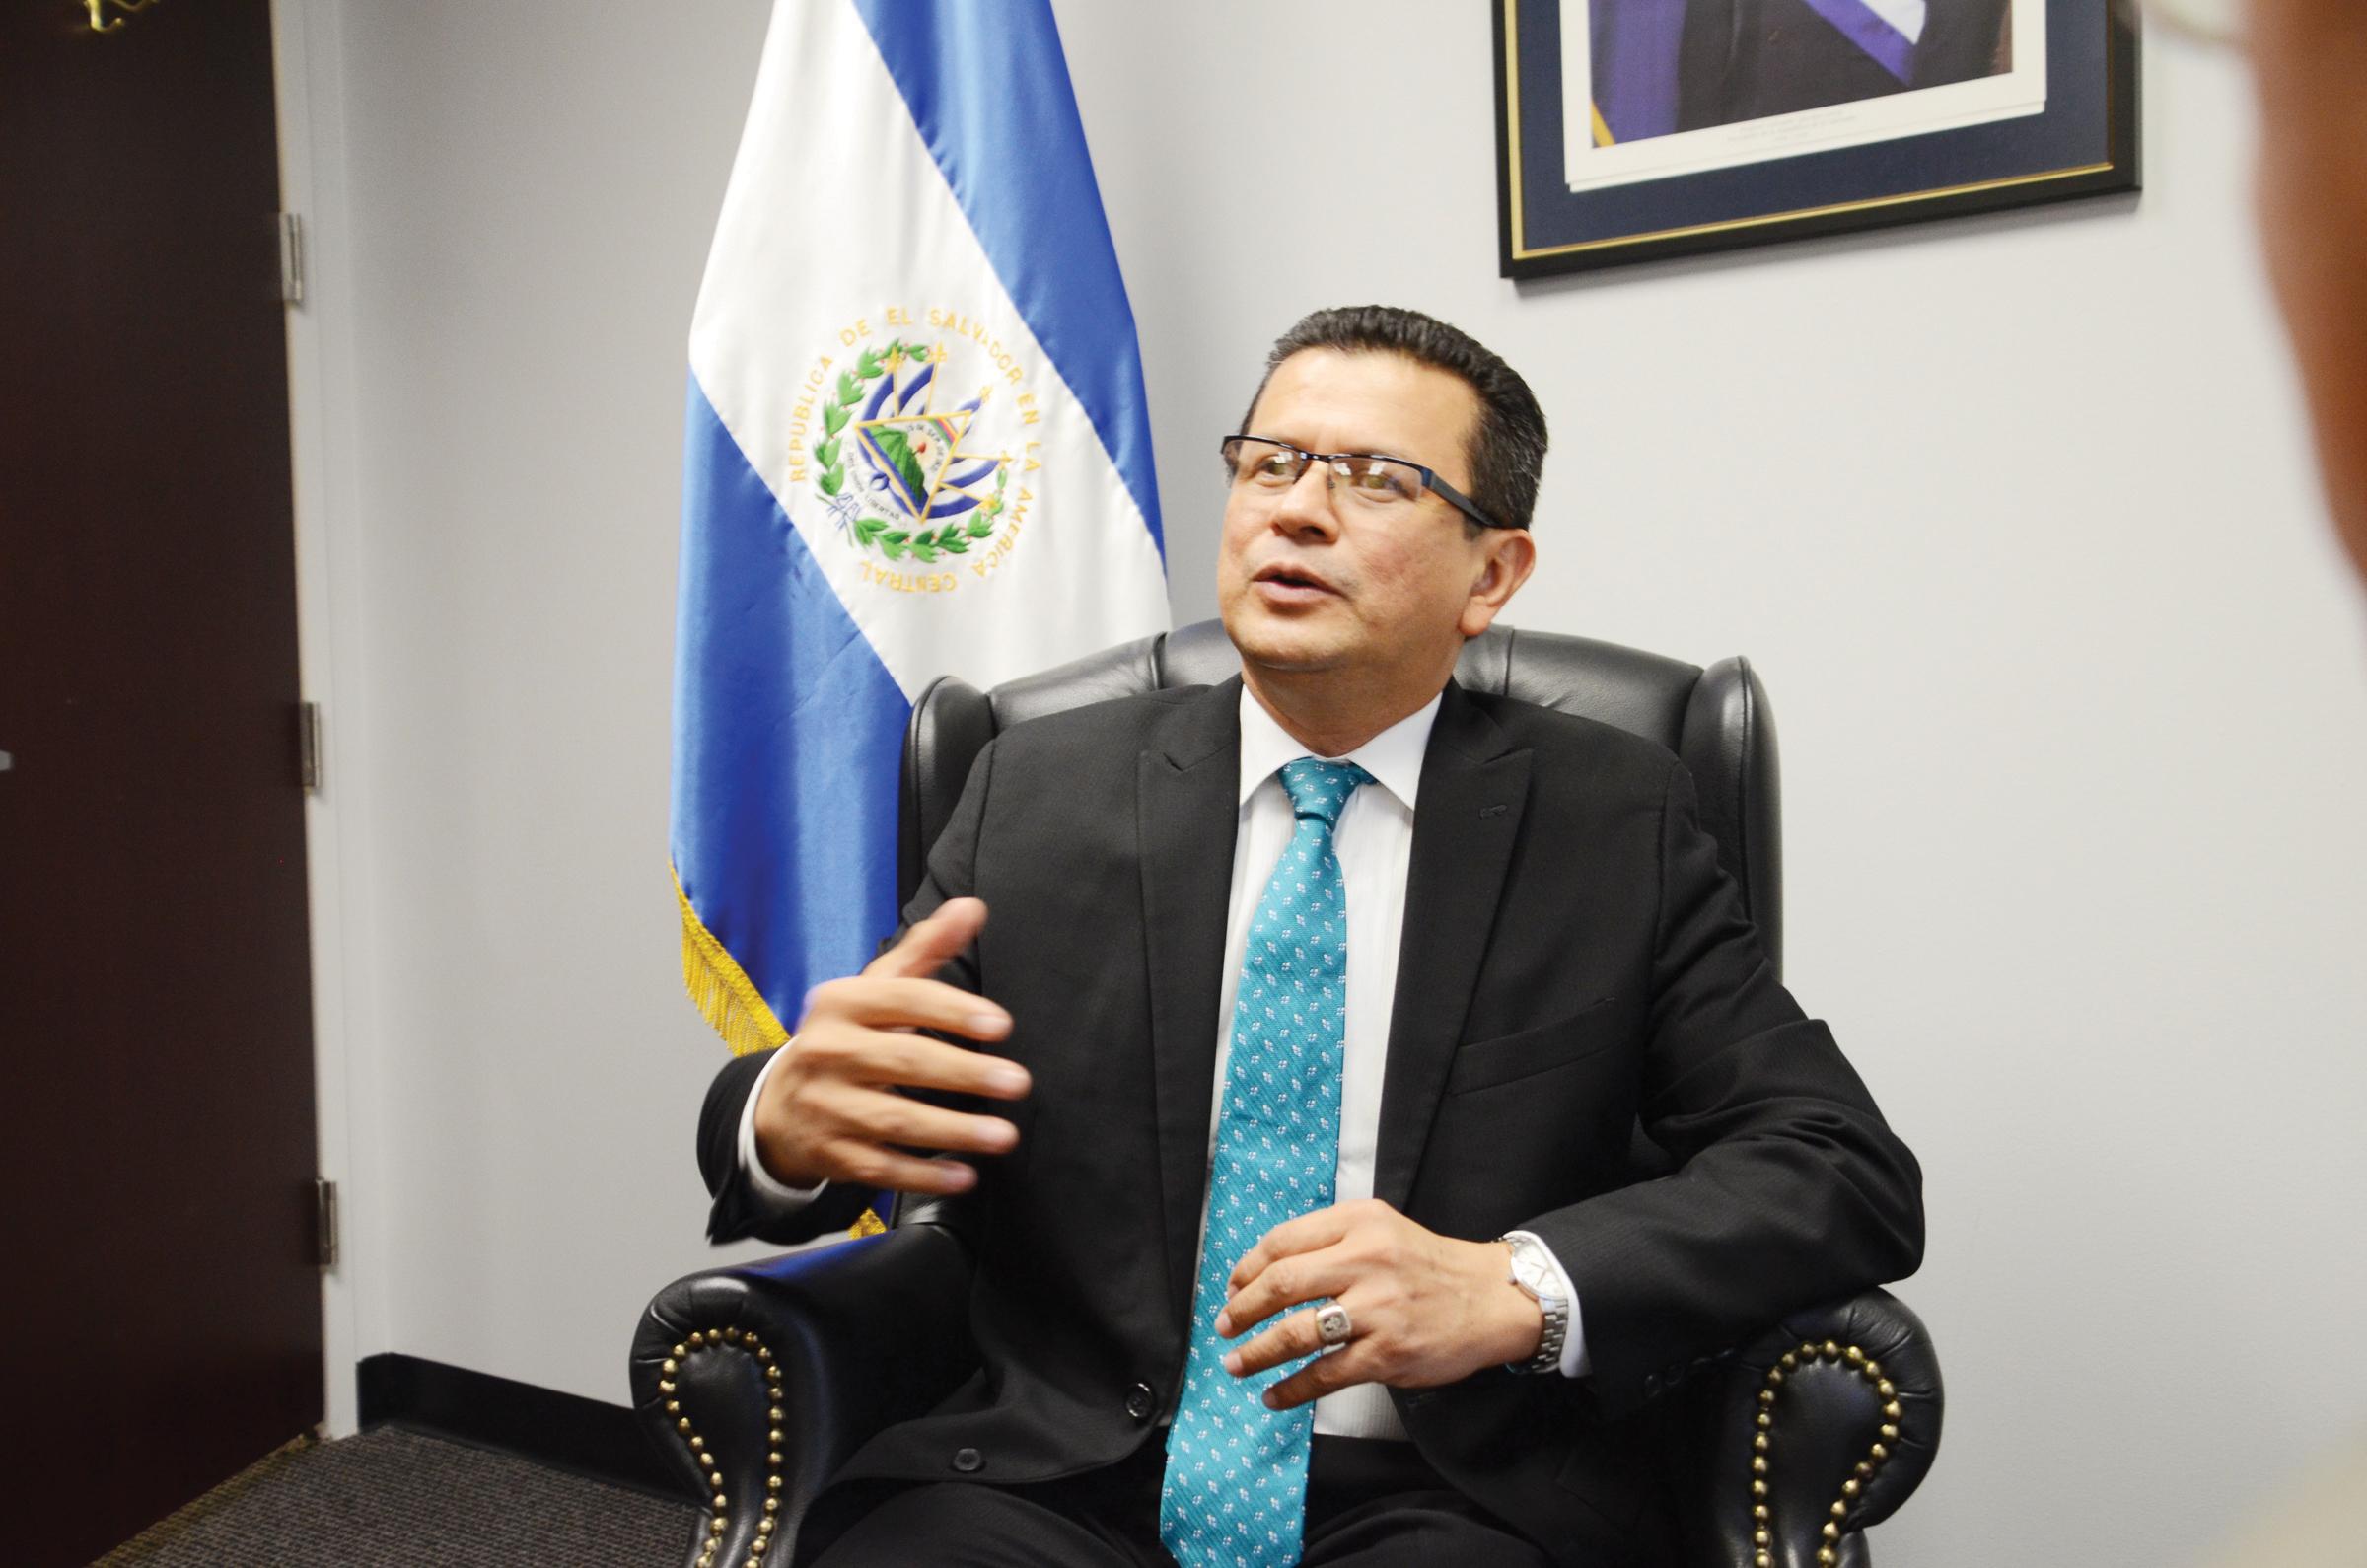 Hugo Martínez: Aspiro a ser  el candidato de la gente